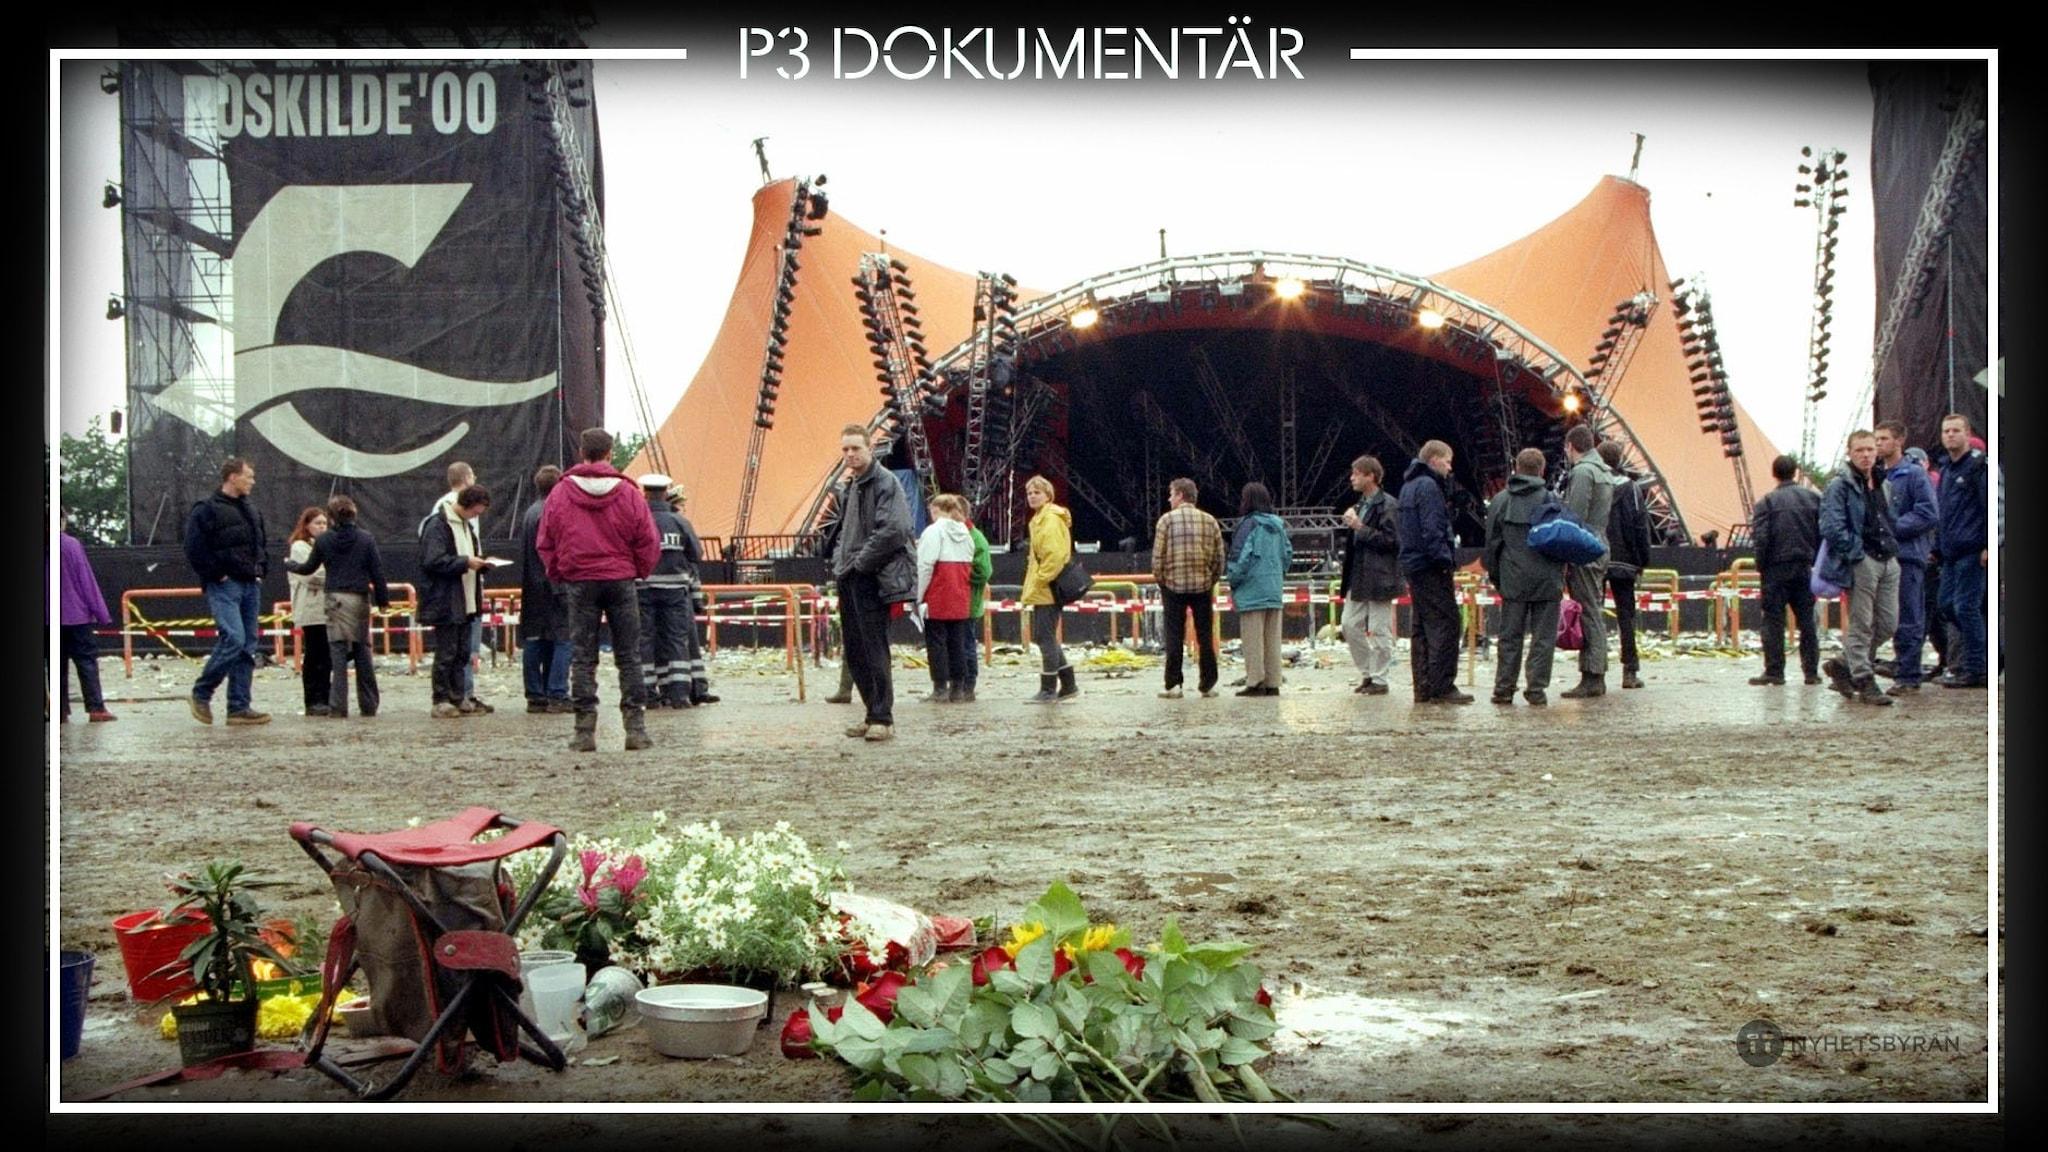 Blommor framför scenen